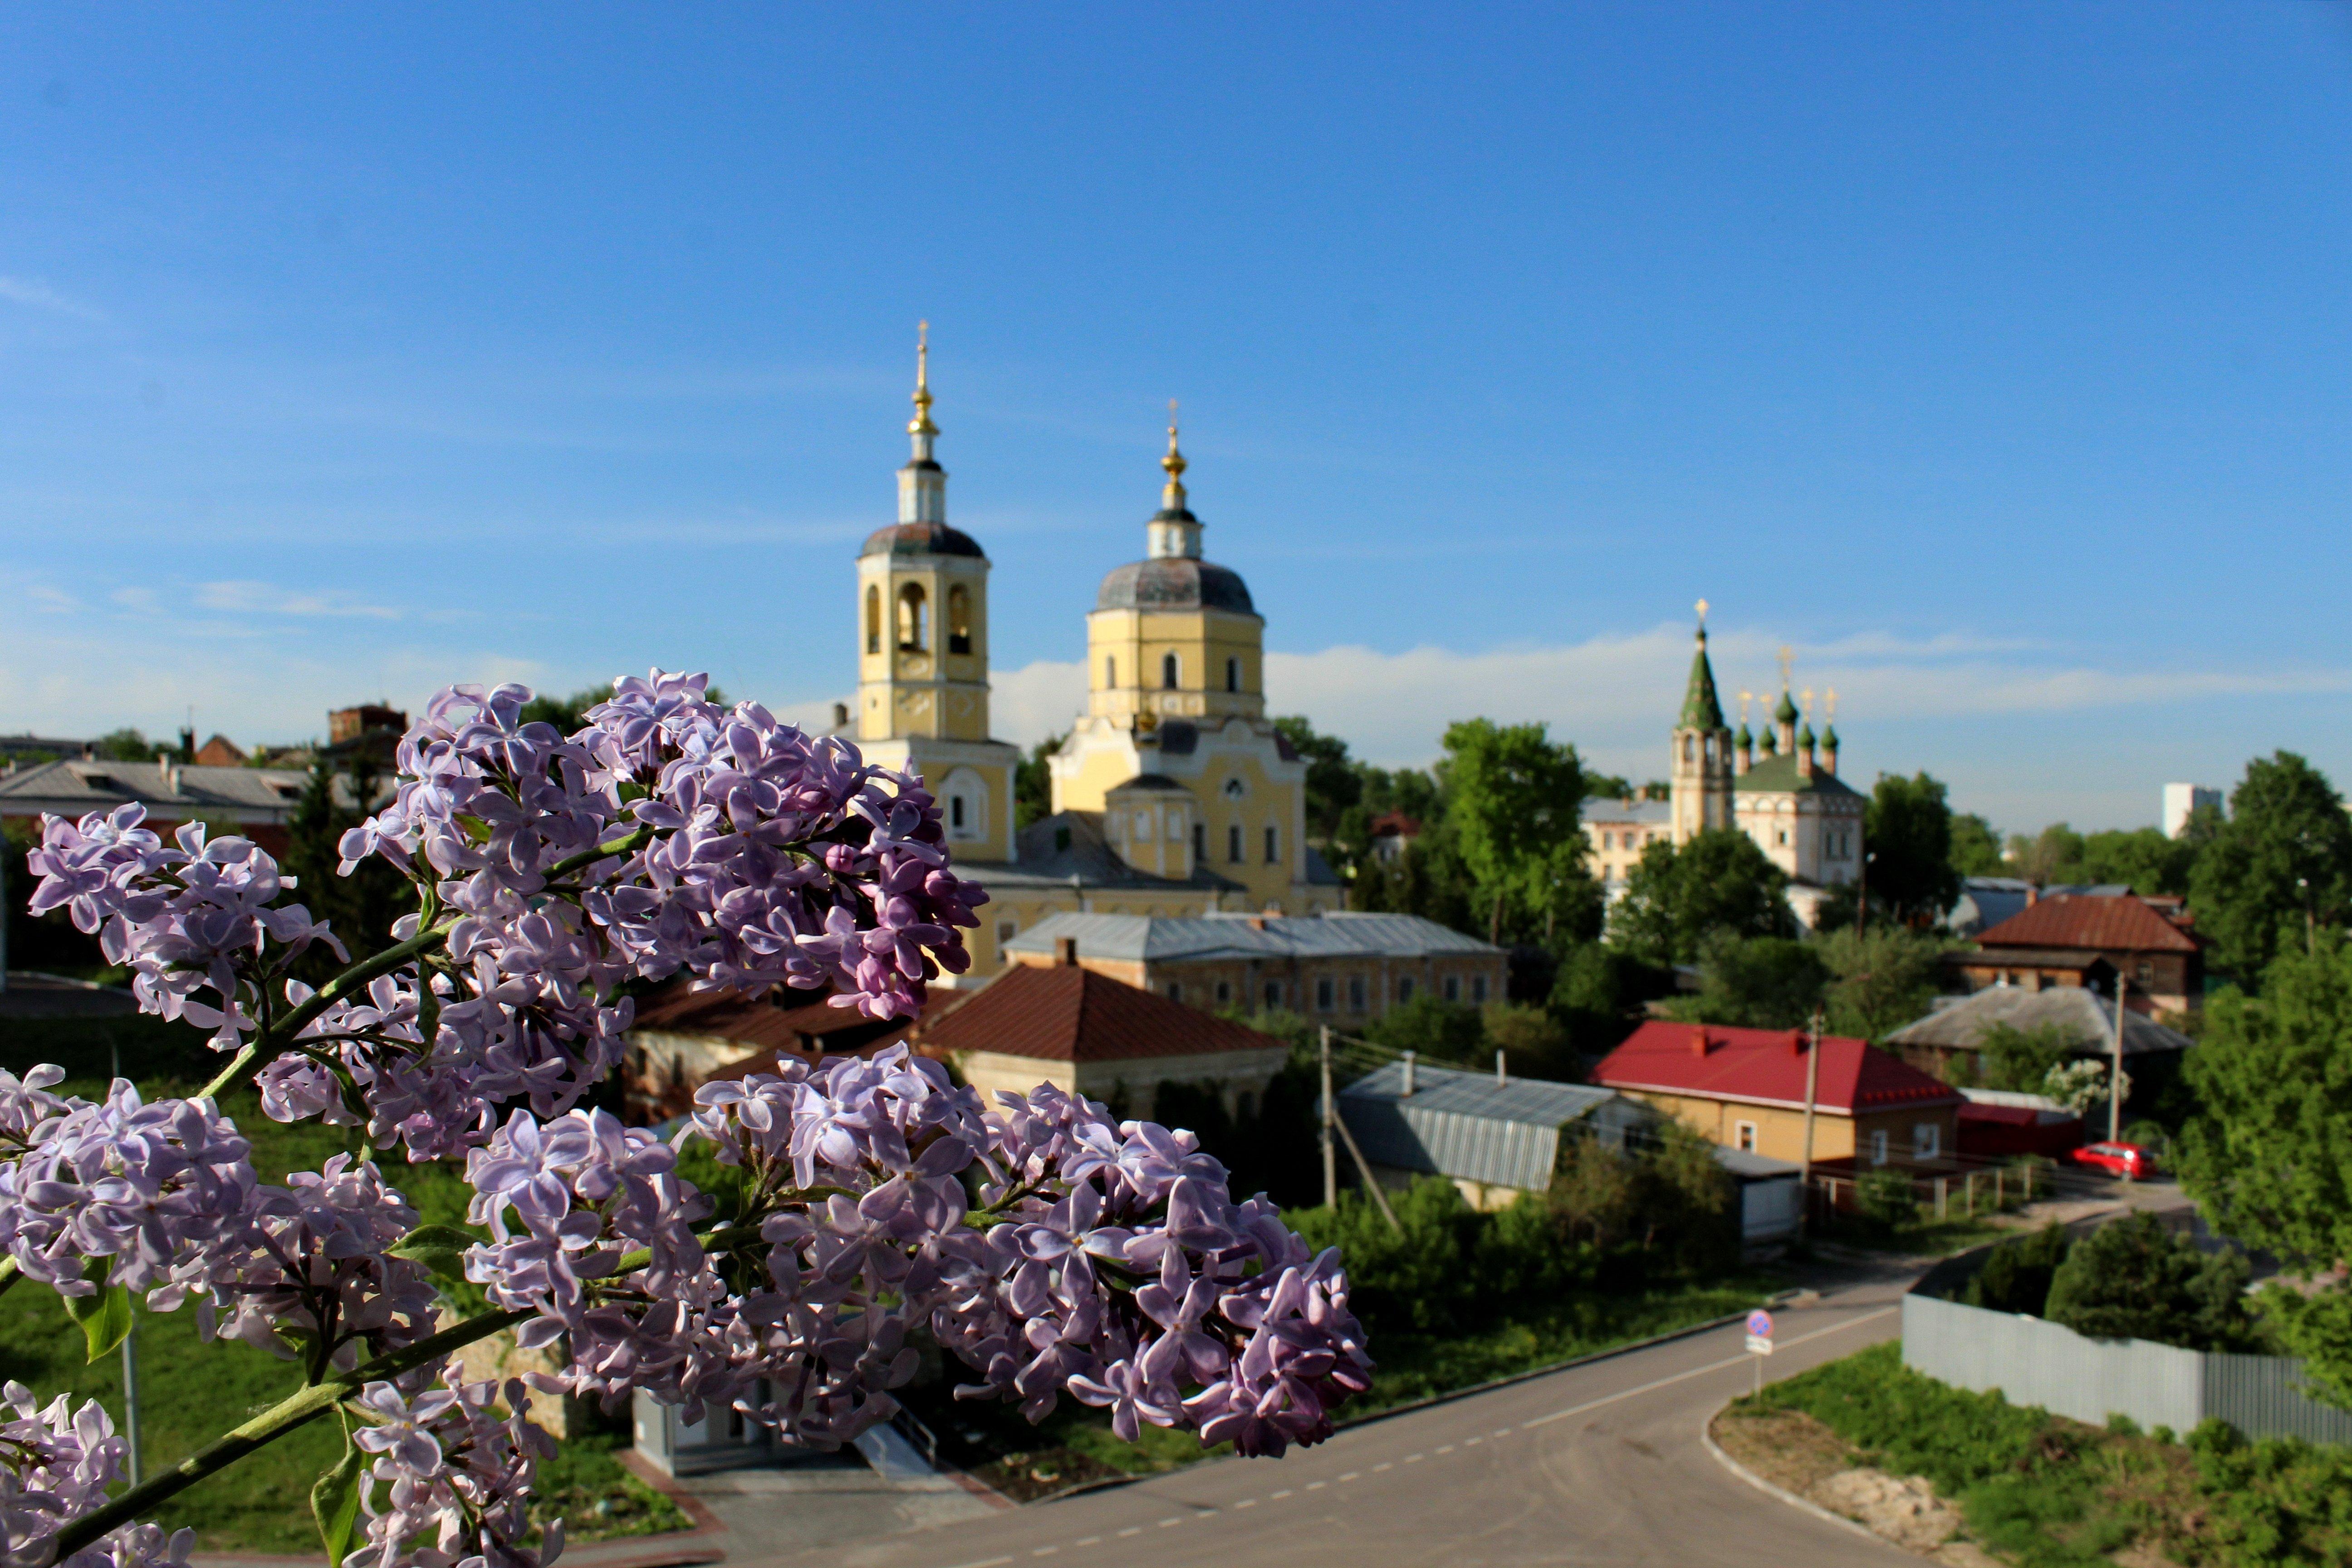 города россии фотоклубы банкетах юбилеях можно